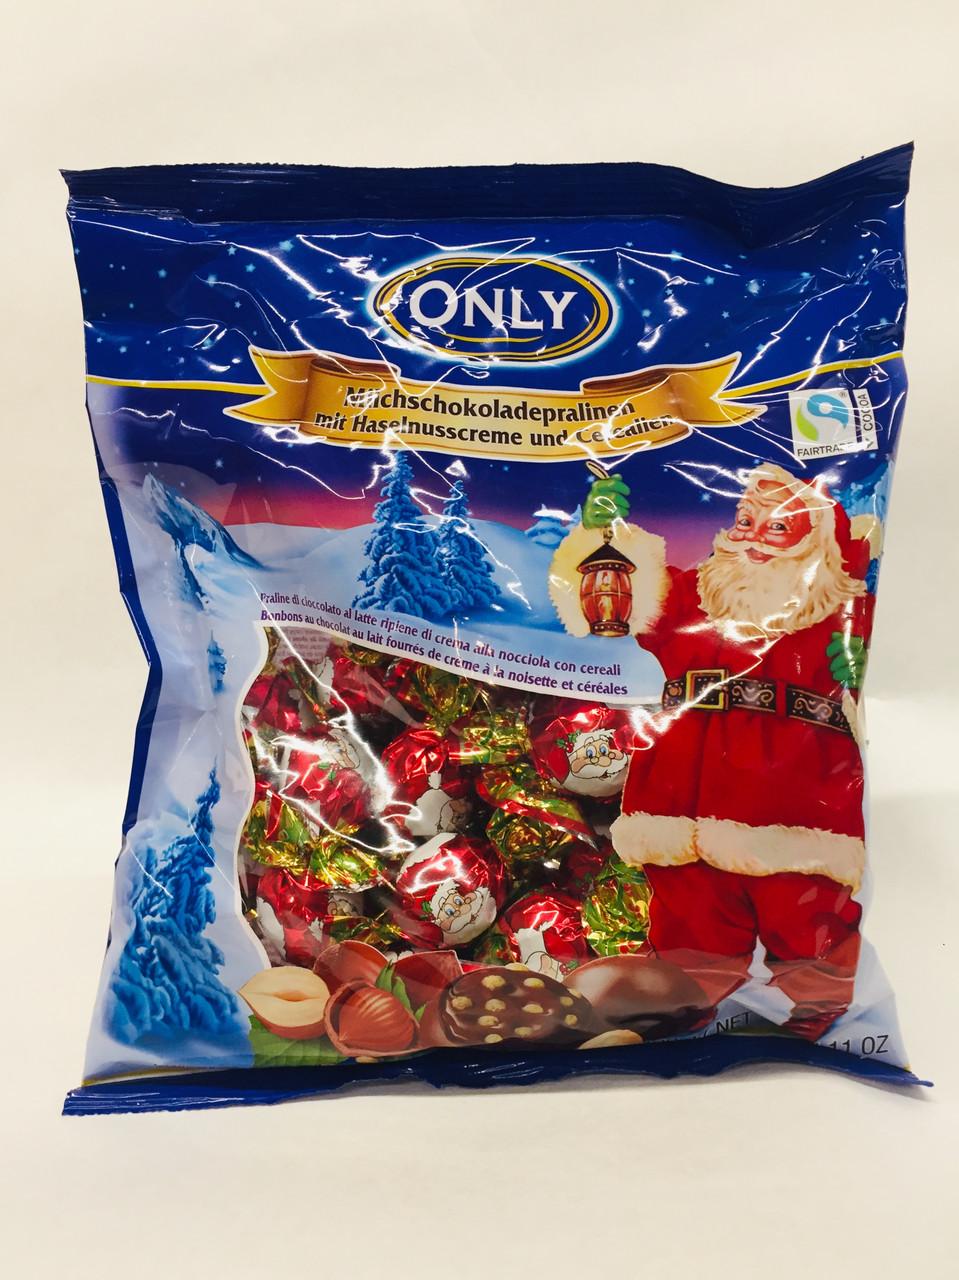 Цукерки шоколадні набір асорті новорічний Only, 400г (Польща)